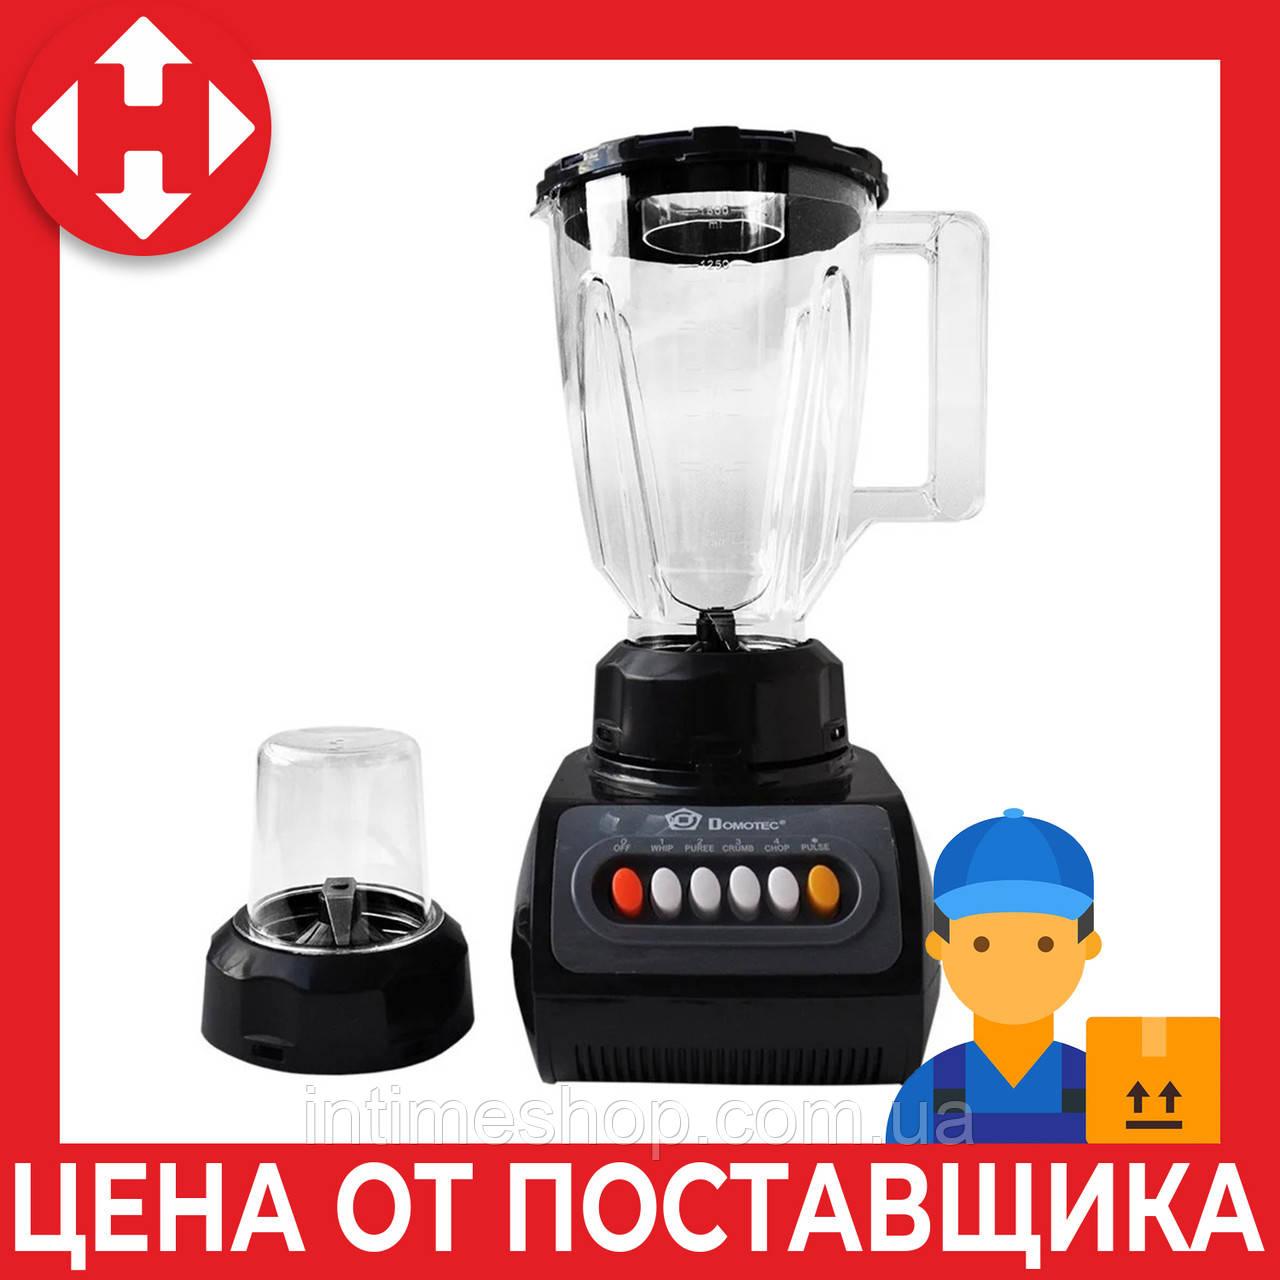 Распродажа! Стационарный блендер 2 в 1 с чашей + кофемолка Domotec MS-9099 с кувшином для коктейлей